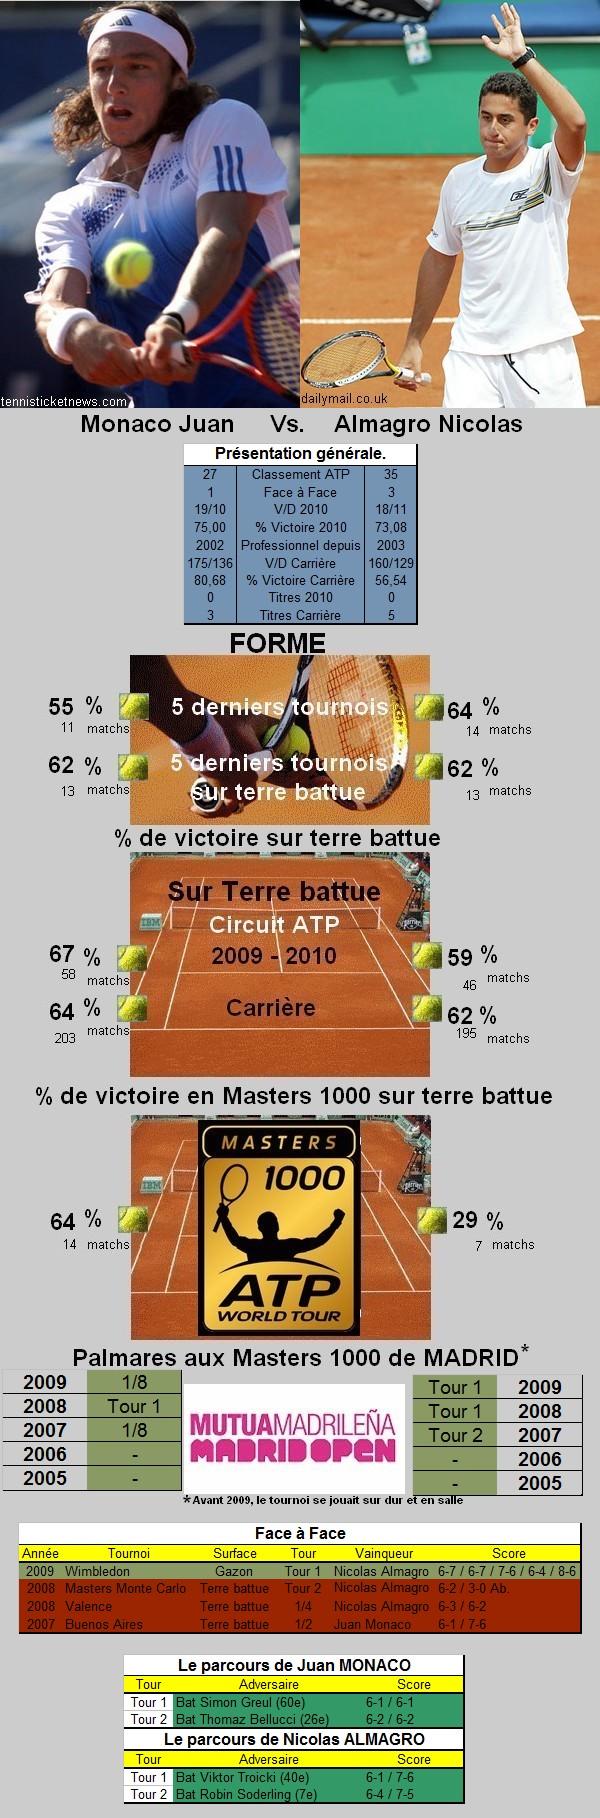 Statistiques tennis de Monaco contre Almagro à Madrid